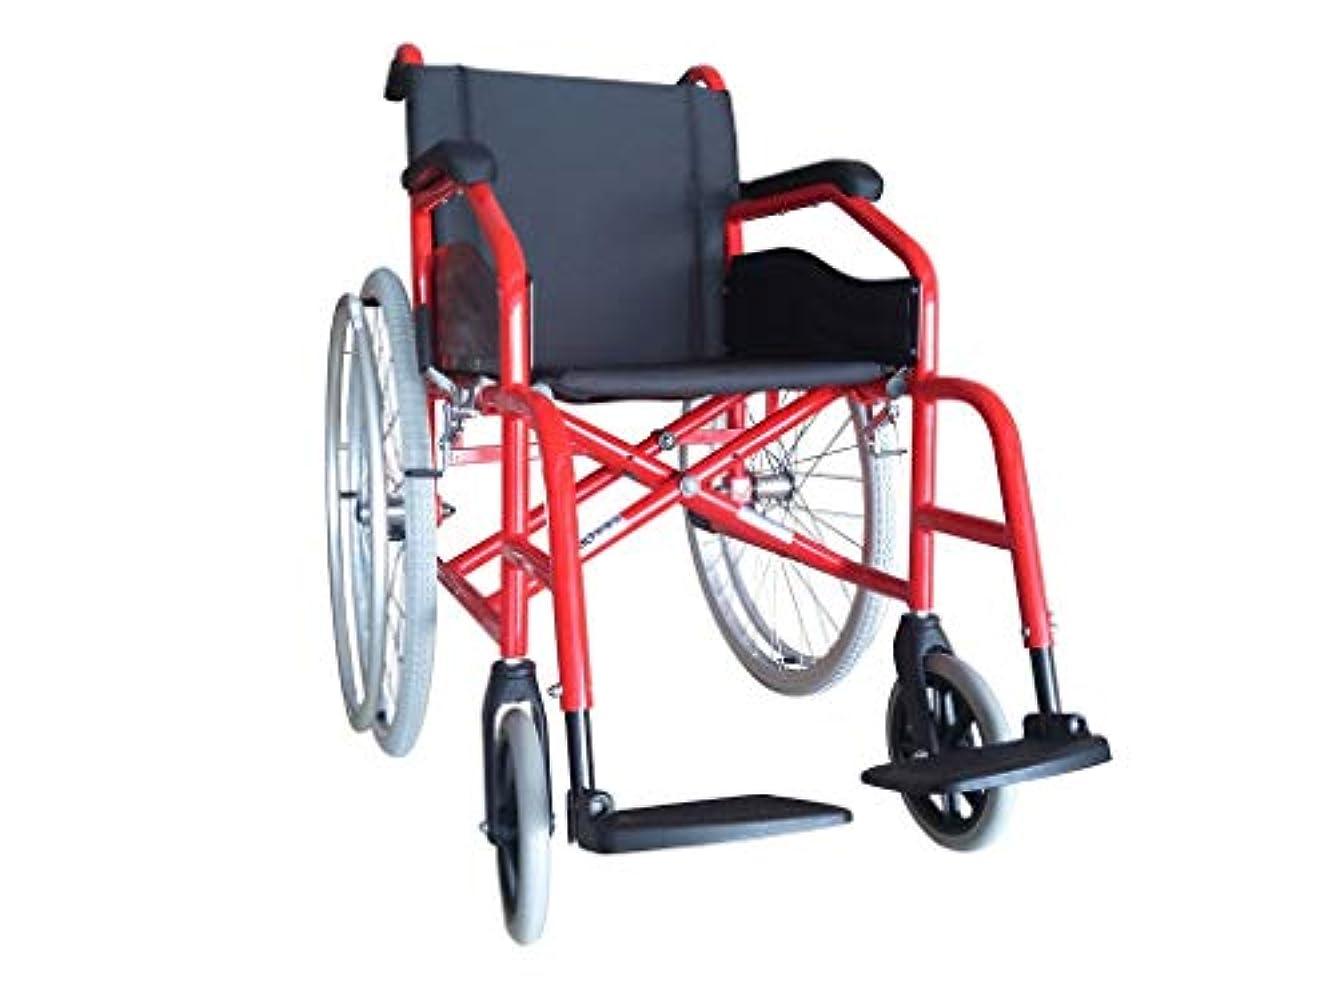 ストラップ考古学訴える折りたたみ車椅子トロリー、多機能高齢者スクーター、無効な屋外車椅子トロリー、強い重力